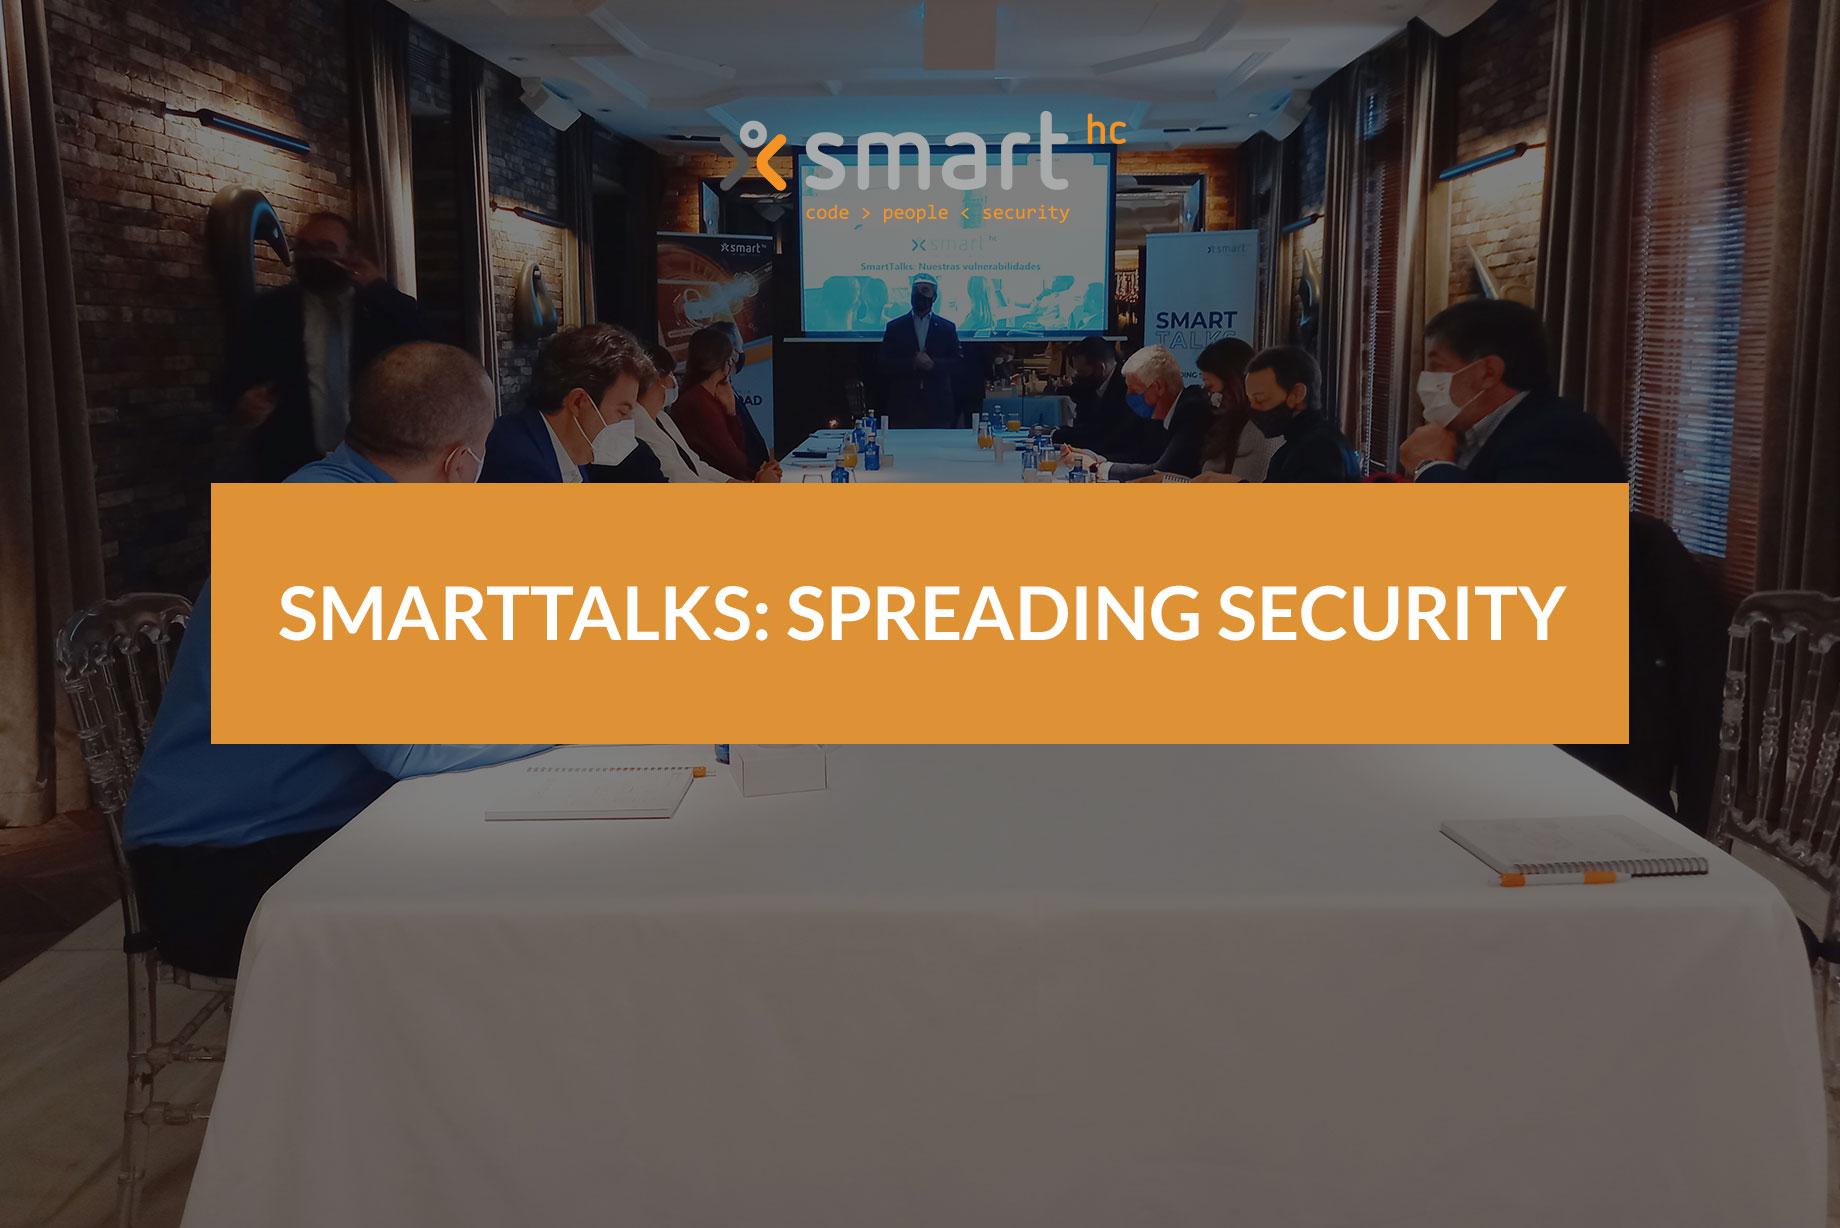 SHC_SmartTalks